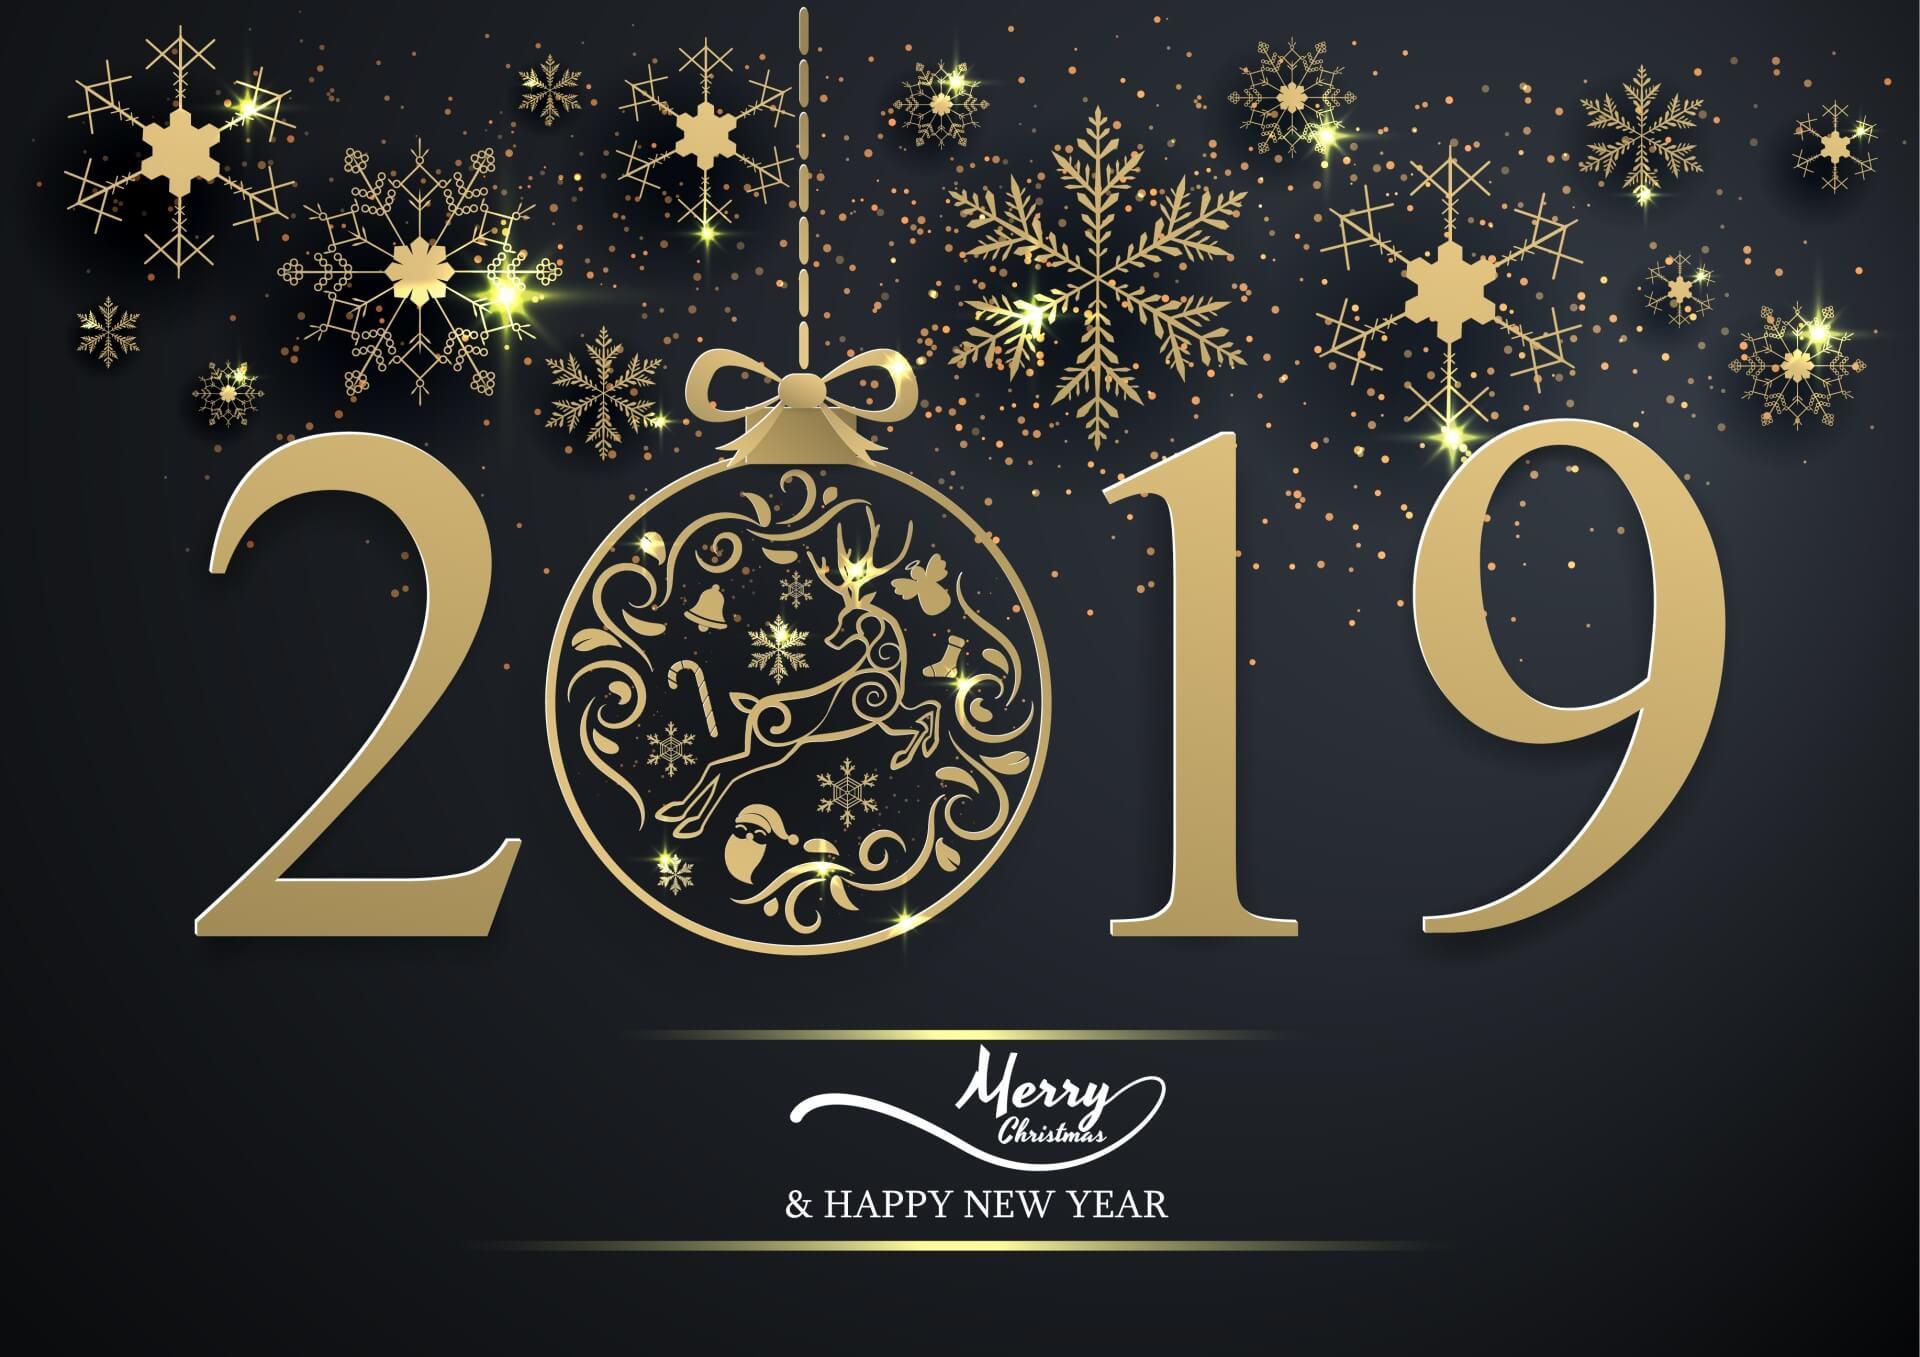 Những ảnh nền chúc mừng năm mới 2019 đẹp nhất